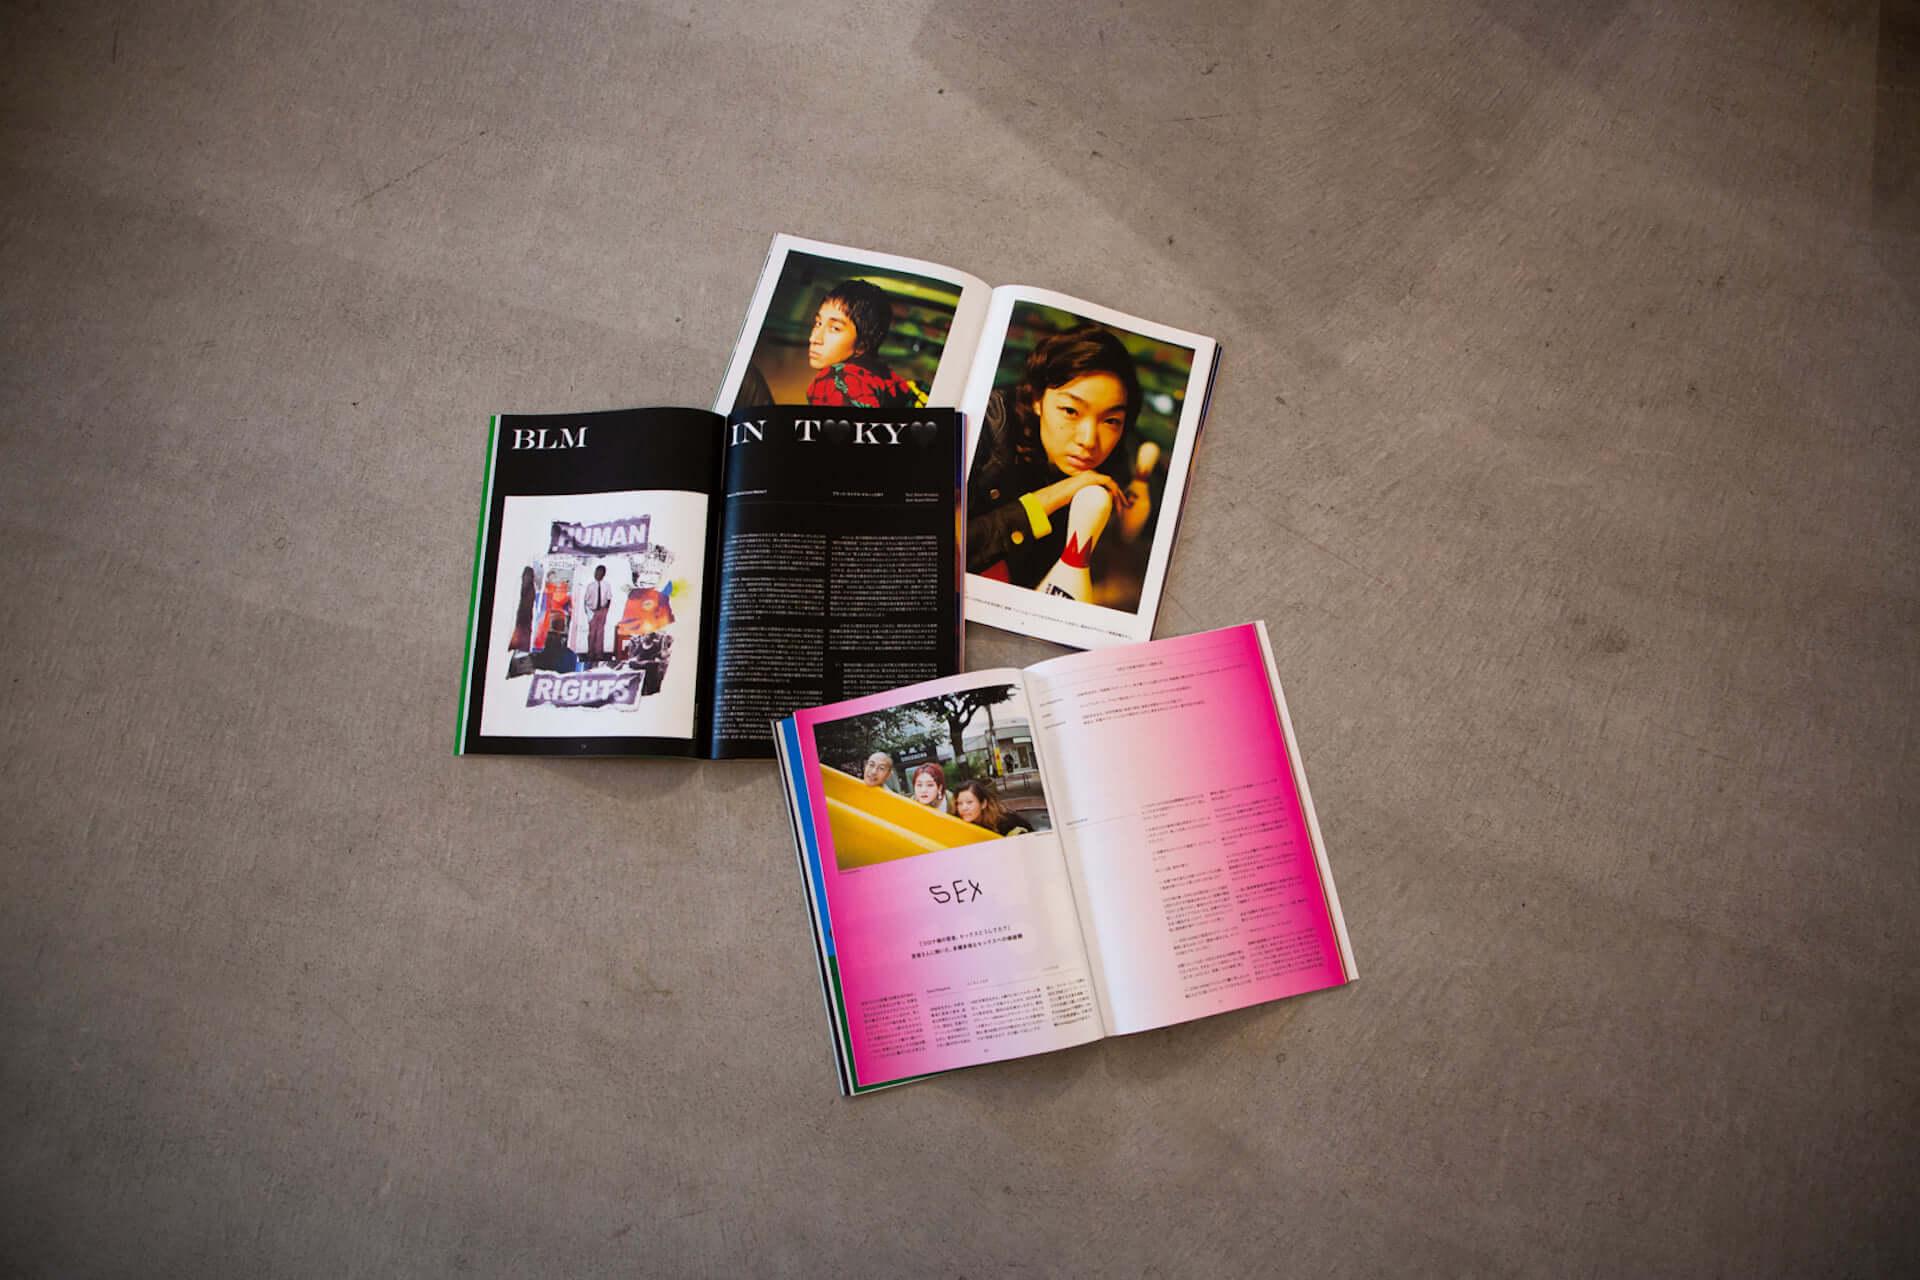 2周年を迎えたウェブメディア「NEUT」が初の雑誌を刊行!コロナ禍やBLMをテーマにした特集など全80ページ収録 art201223_neut_2-1920x1280